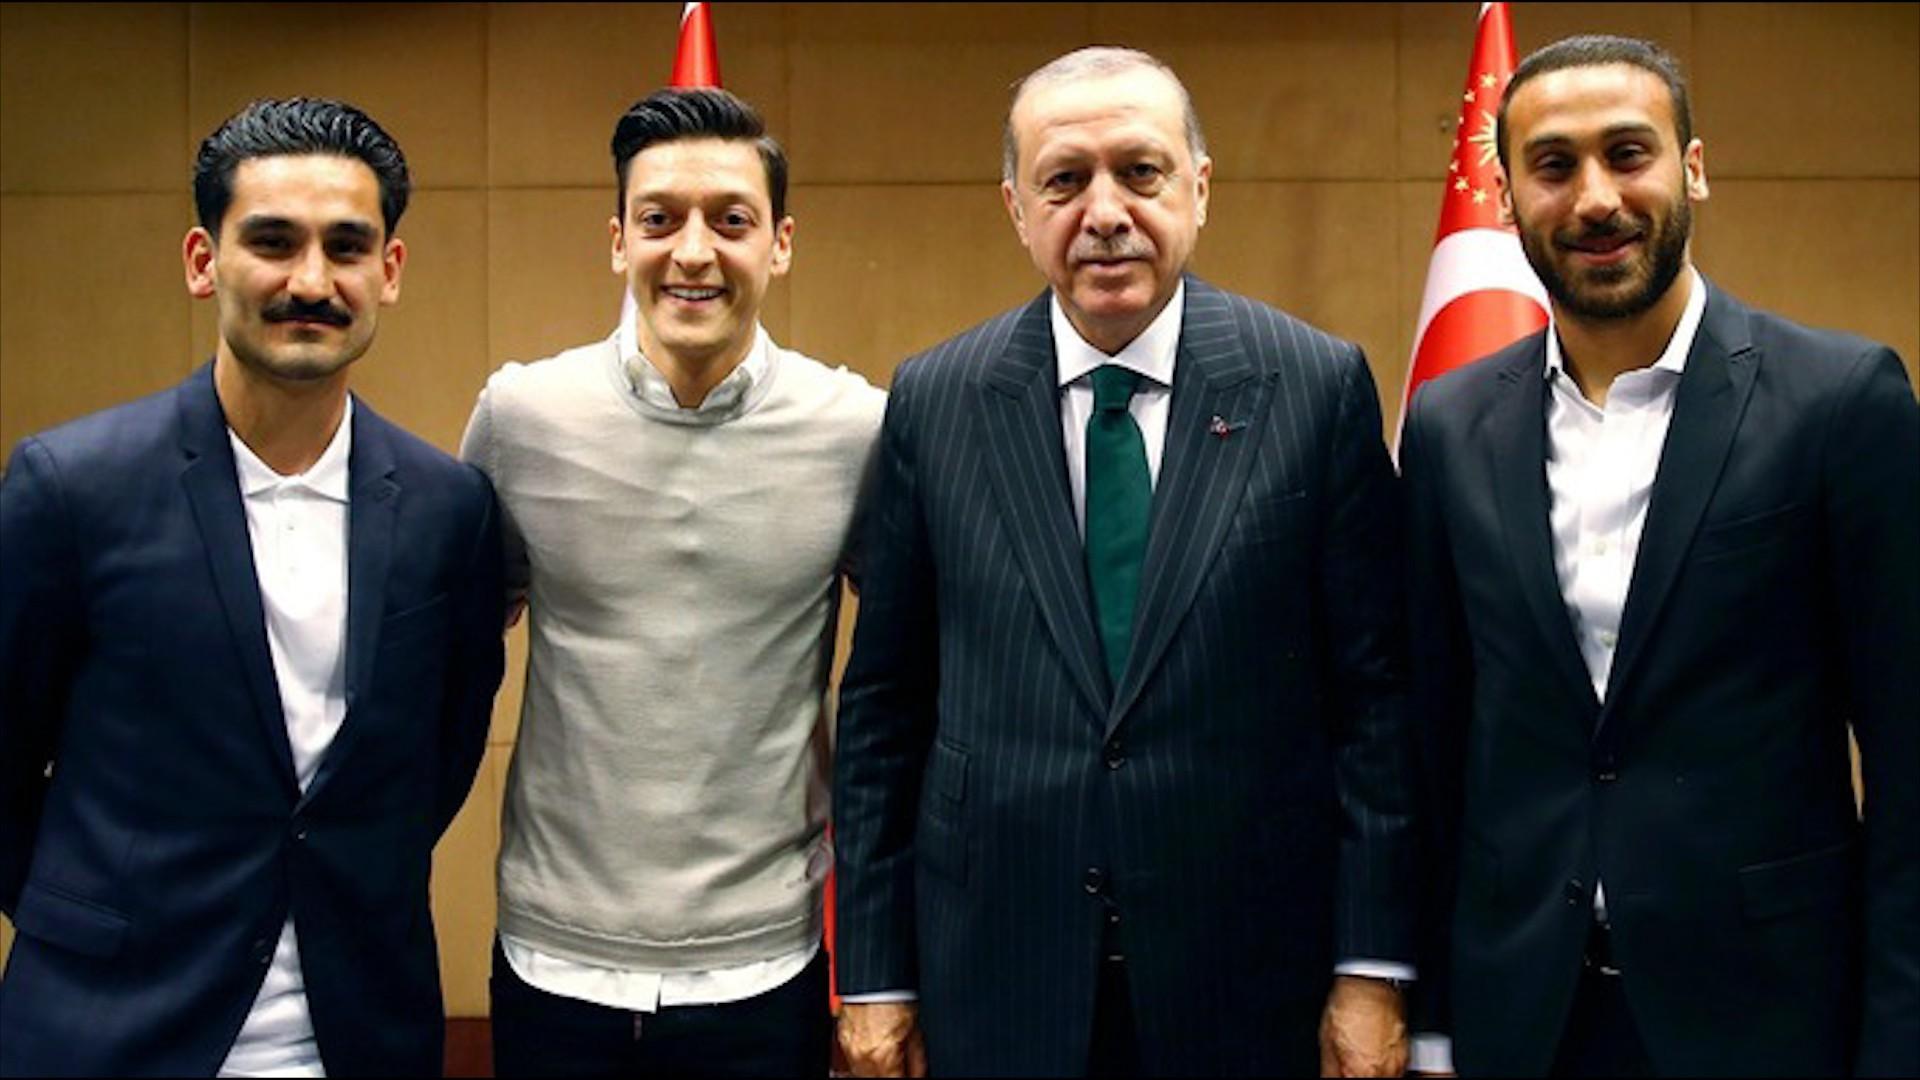 Mesut Ozil tung hê sự thật, cay đắng rời tuyển Đức